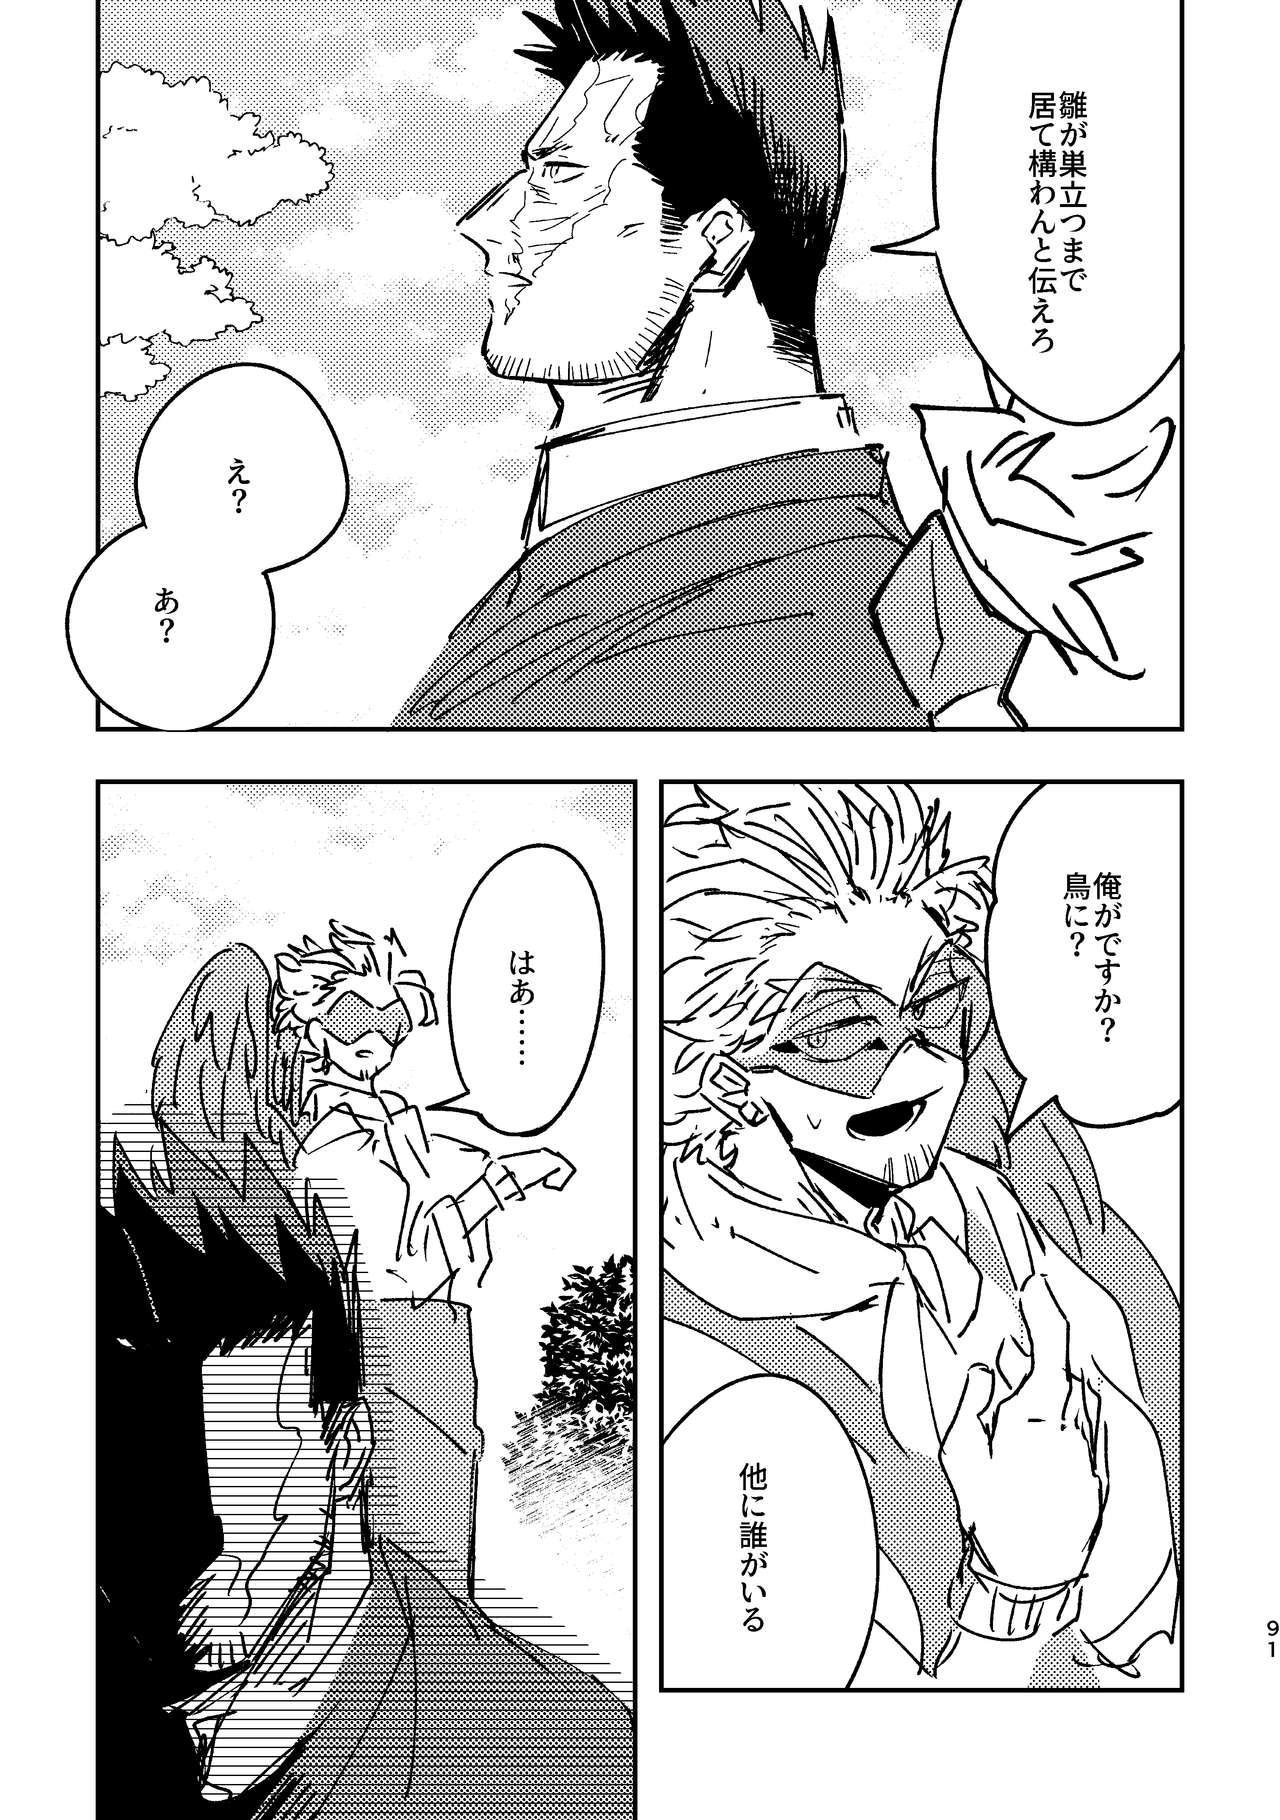 WEB Sairoku Zumi HawEn Manga ga Kami demo Yomeru Hon. 90